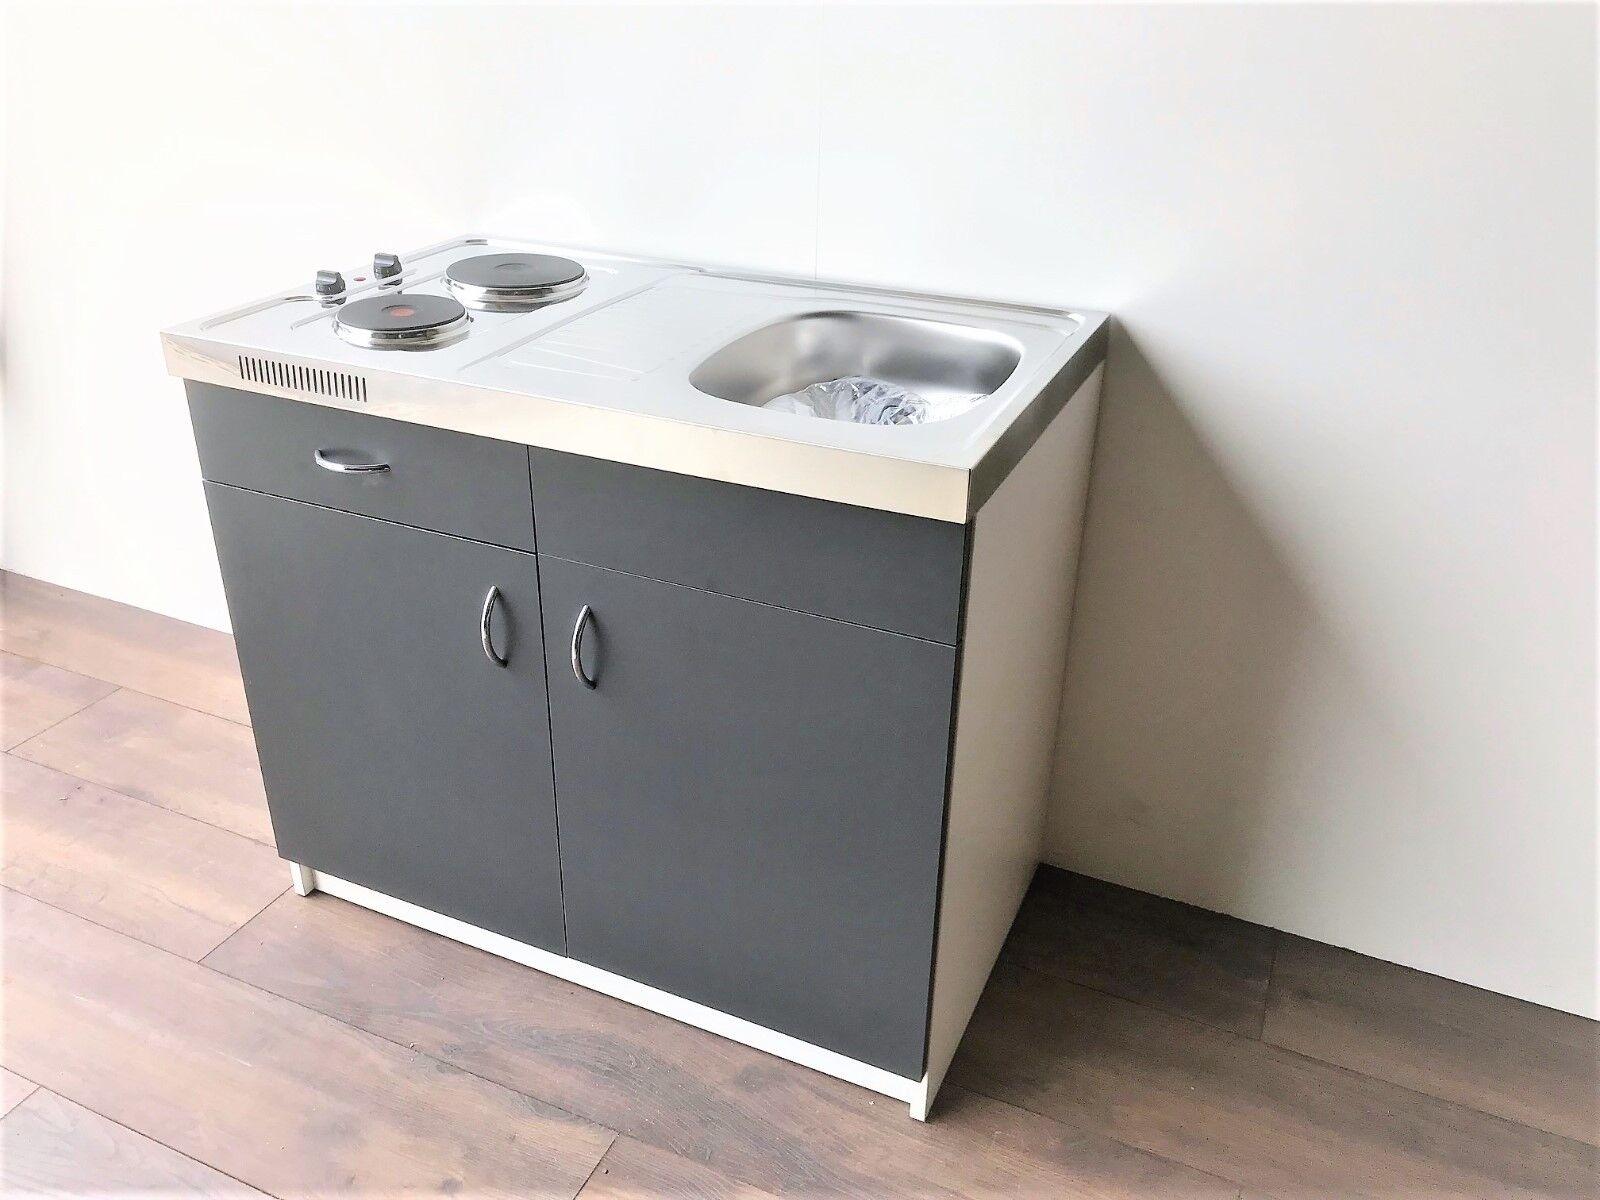 Miniküche Mit Kühlschrank Gebraucht : Singleküche berlin glaskeramik kochfeld und kühlschrank breite